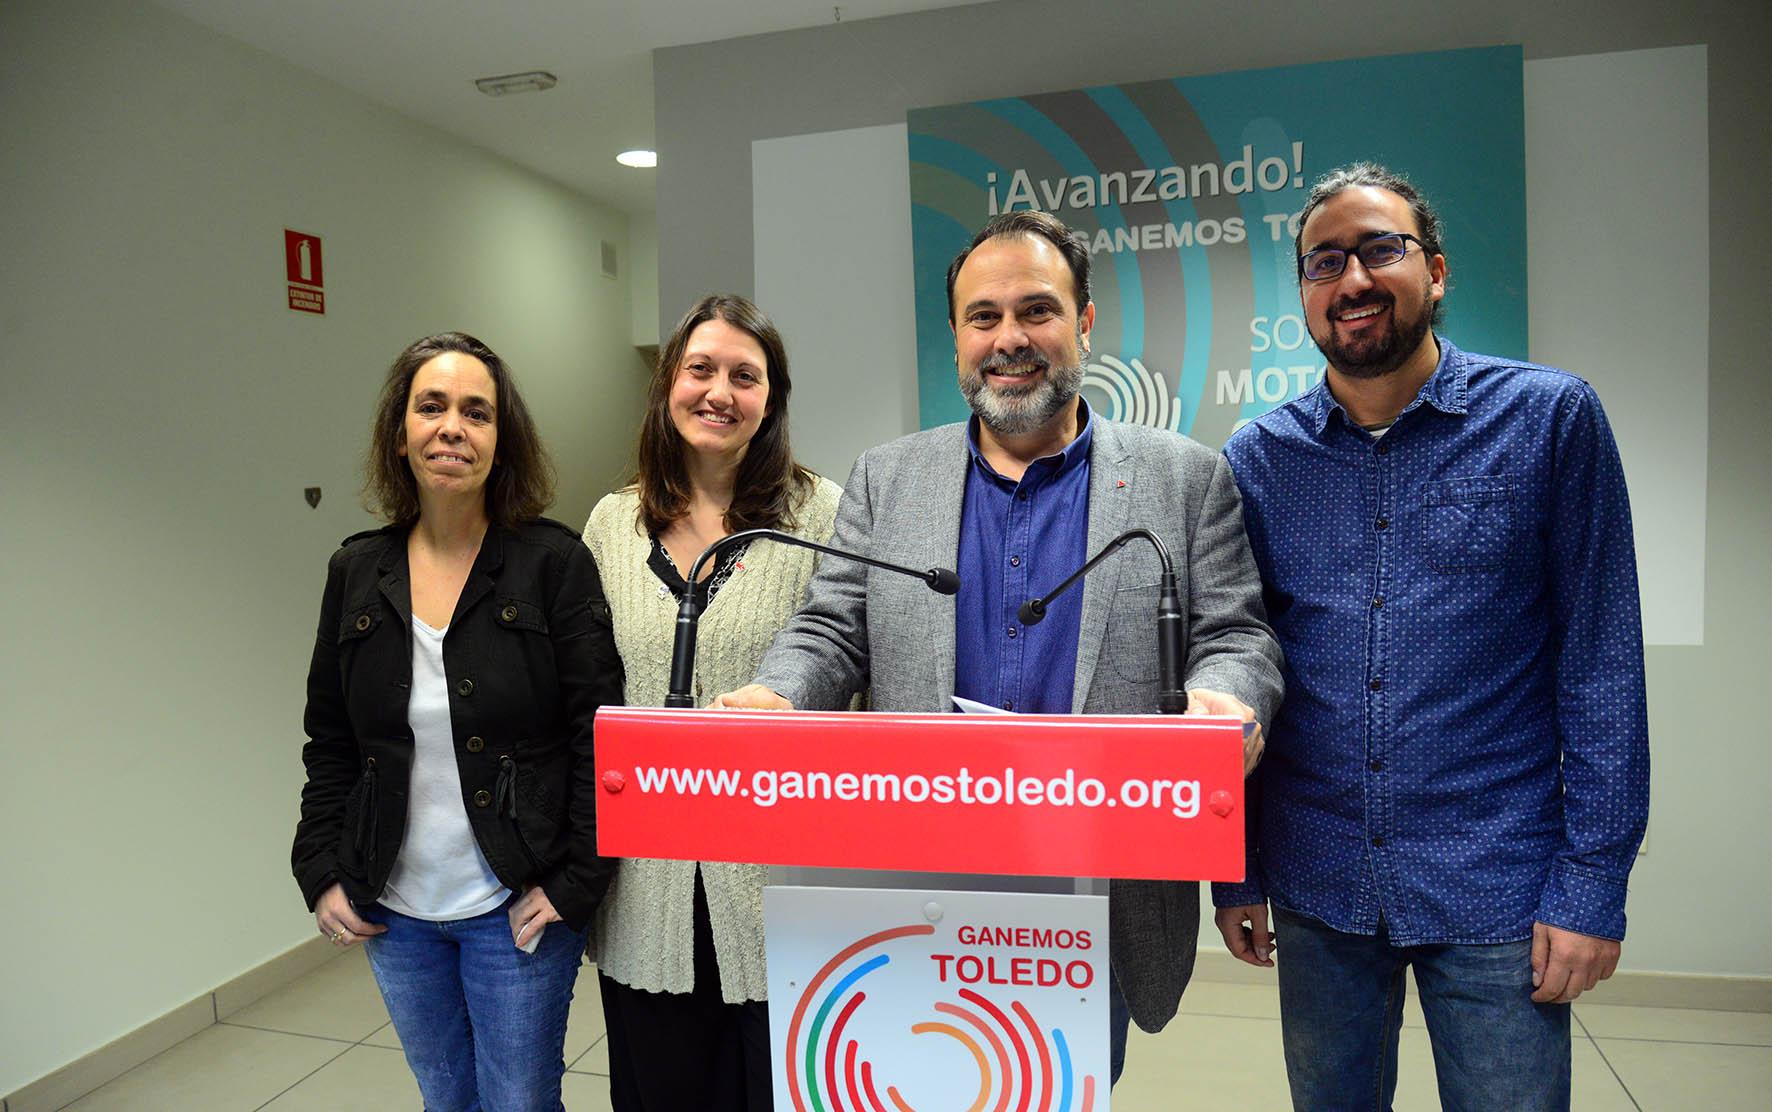 Javi_Mateo y el resto de conceJavier Mateo y el resto de concejales de Ganemos Toledojales de Ganemos Toledo